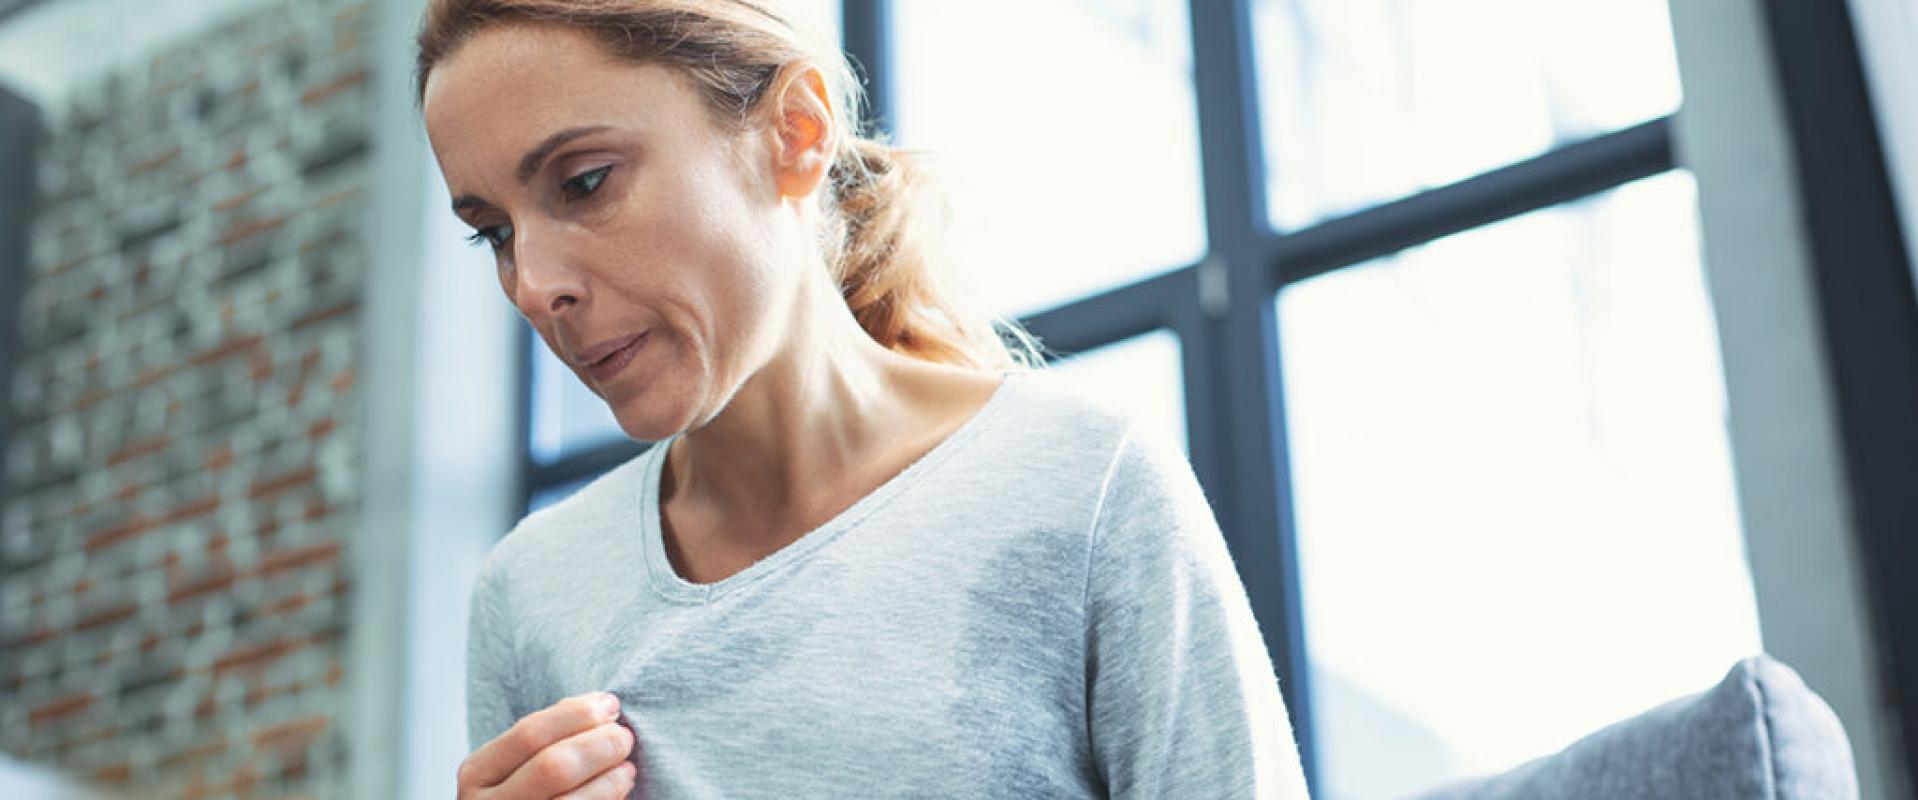 Slaapproblemen tijdens de menopauze: je bent niet alleen!